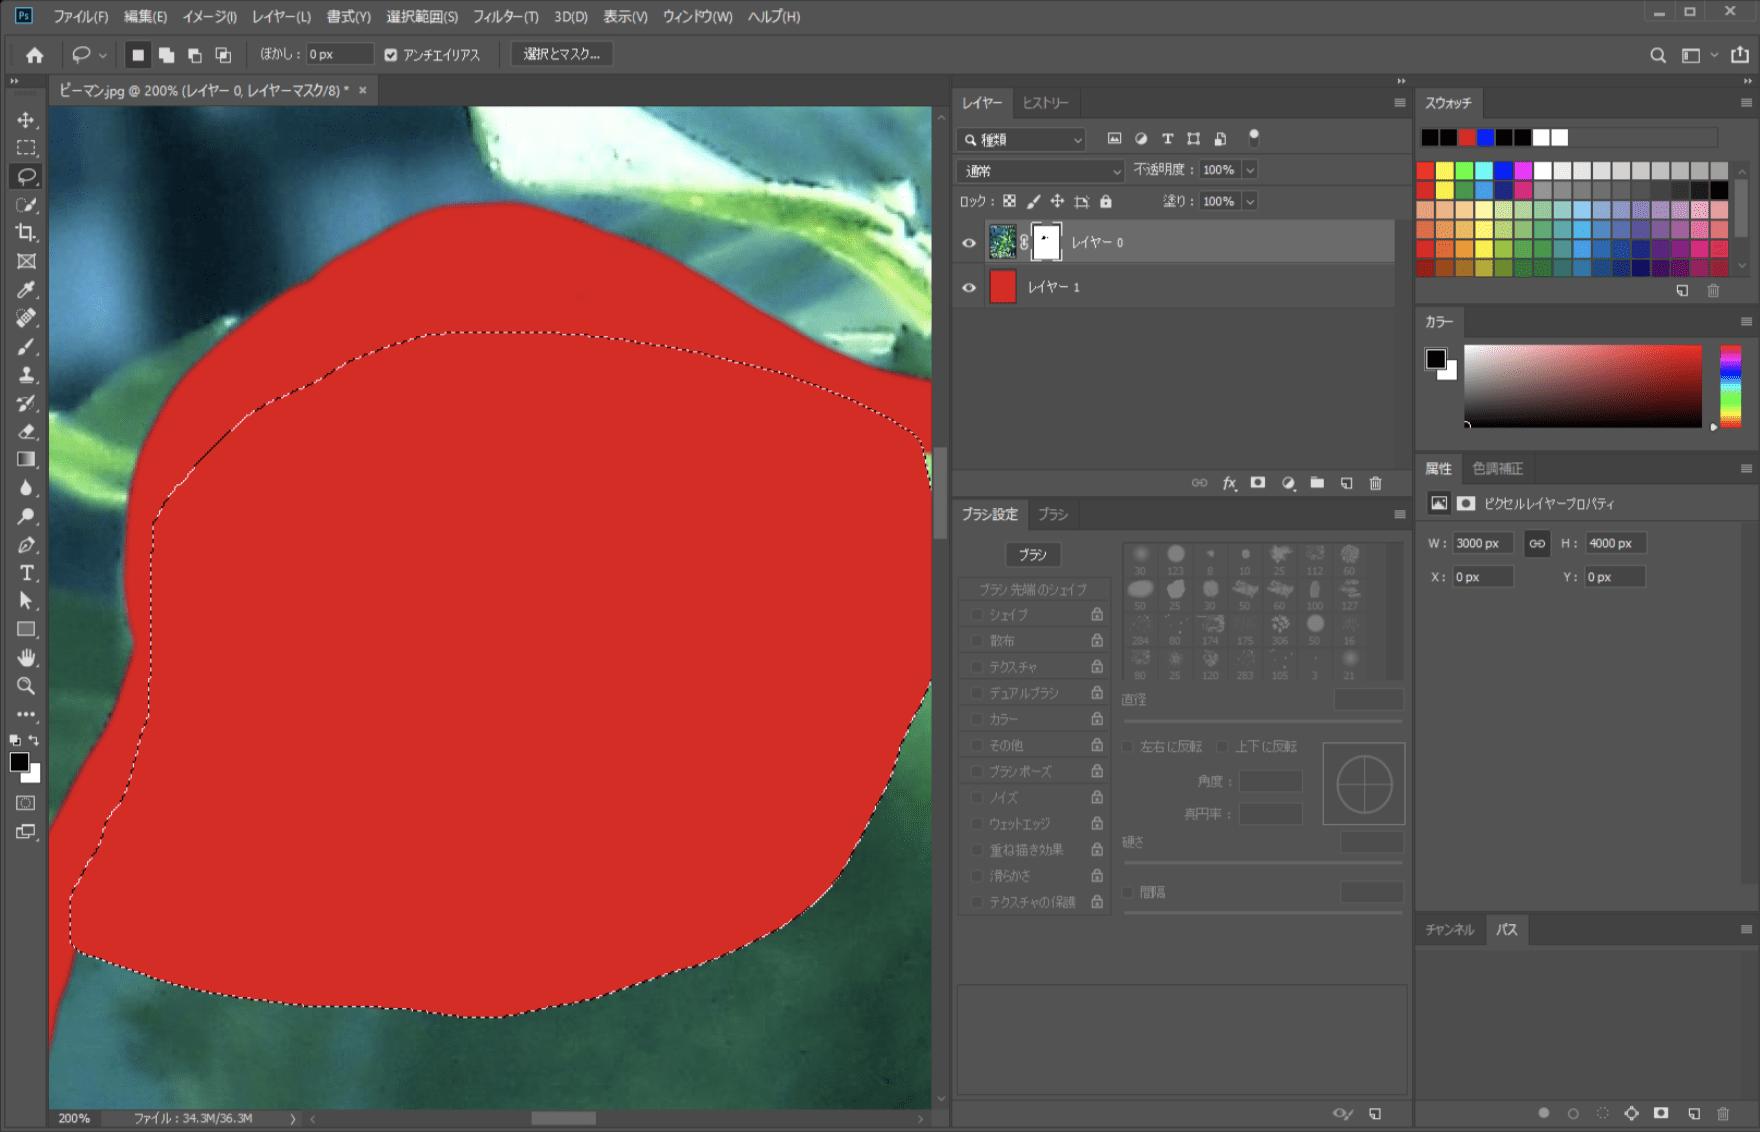 なげなわツールで選択範囲を作成して塗りつぶしました